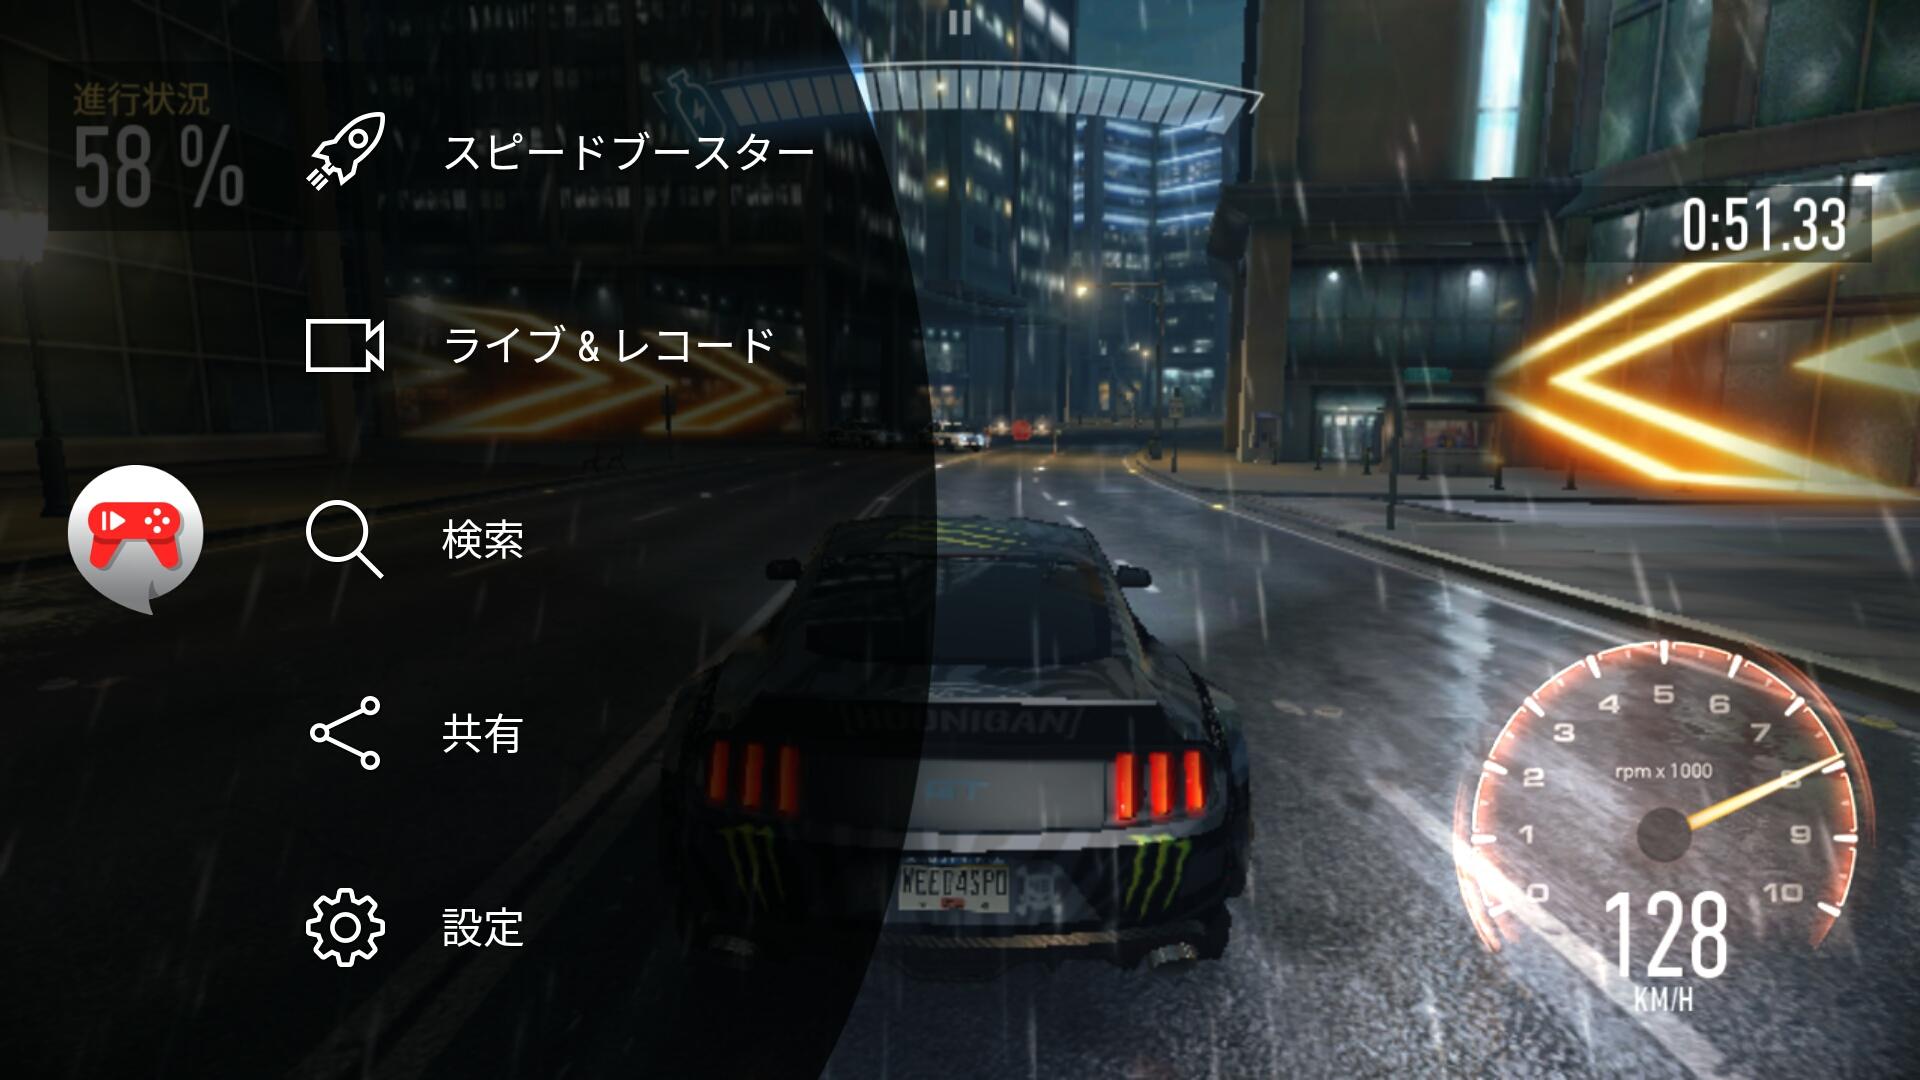 【ゲーム用スマホ選び2017年新春版】性能怪獣ZenFone 3 Deluxeは大本命ハイスペックモデル